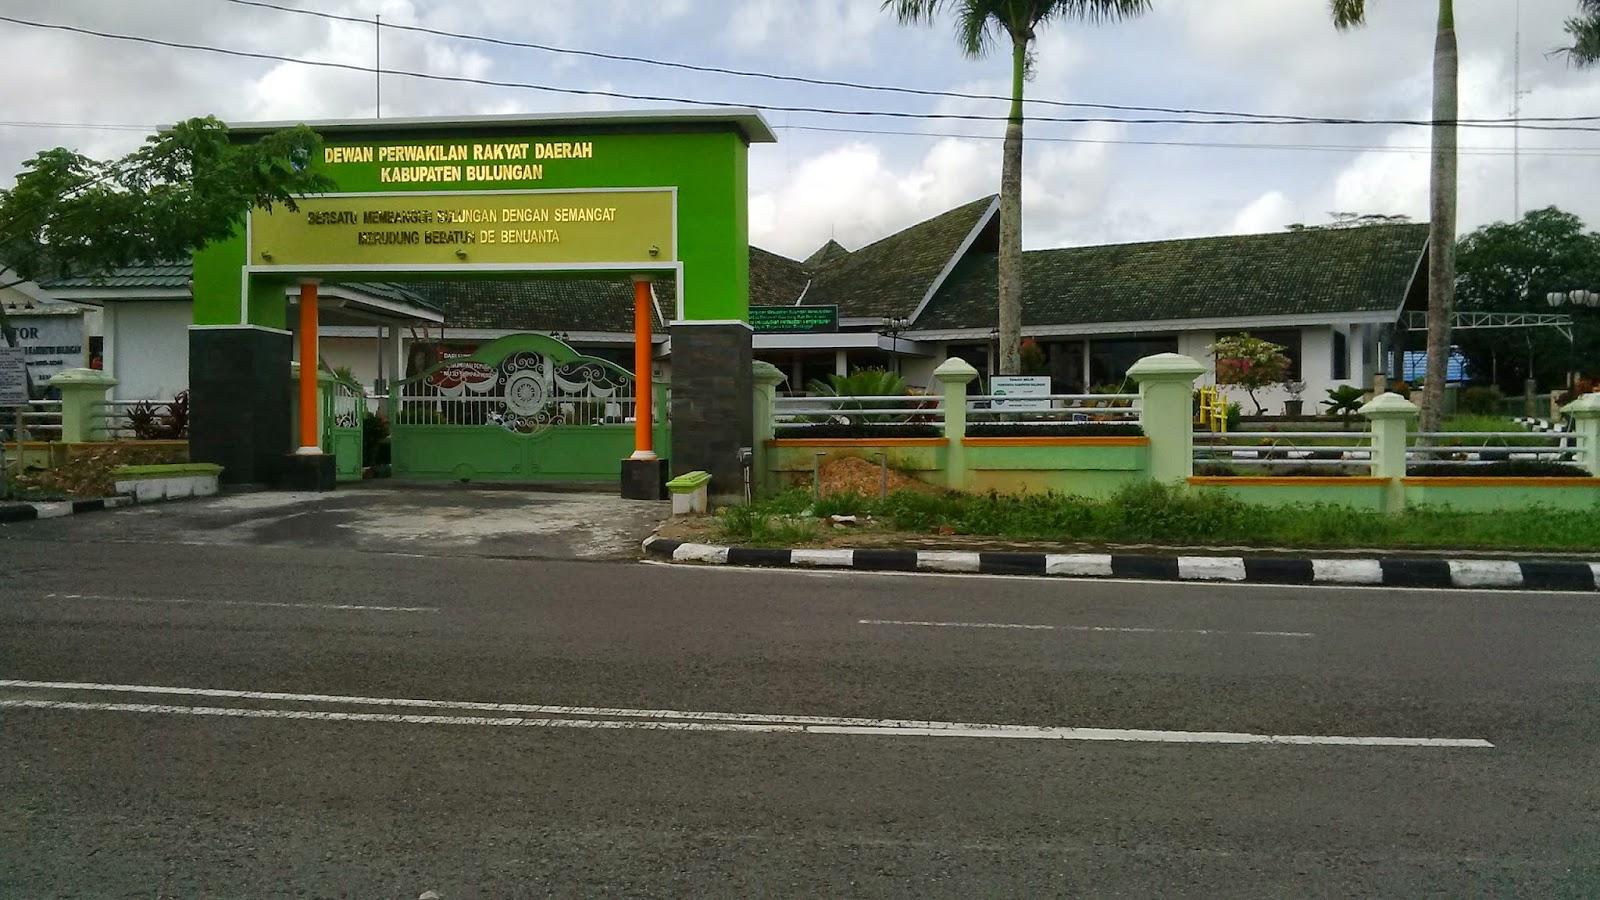 Kantor DPRD Kabupaten Bulungan Kalimantan Utara